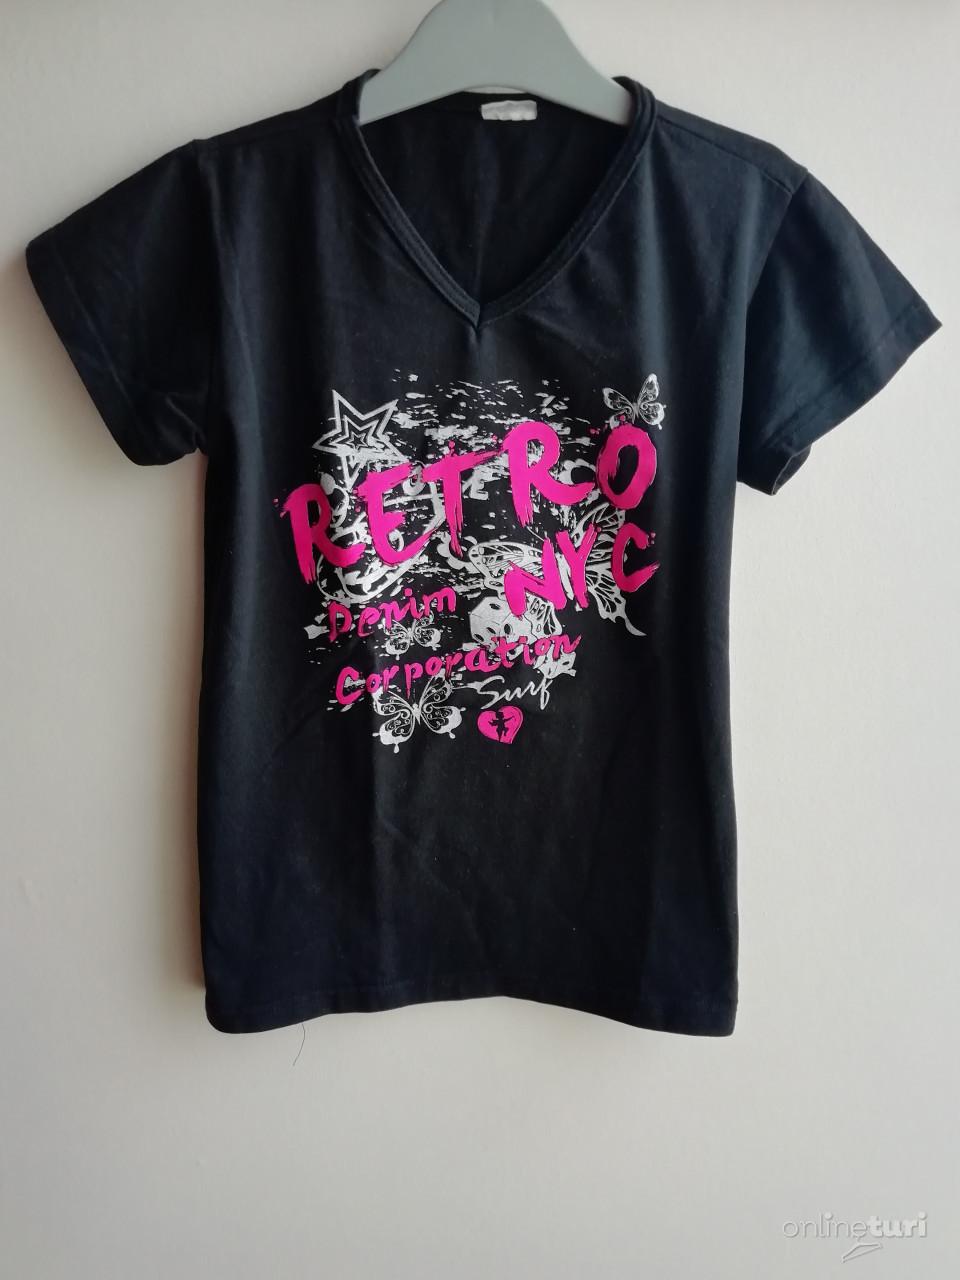 ccfc0759ab Retro női póló, Zalaegerszeg - OnlineTuri